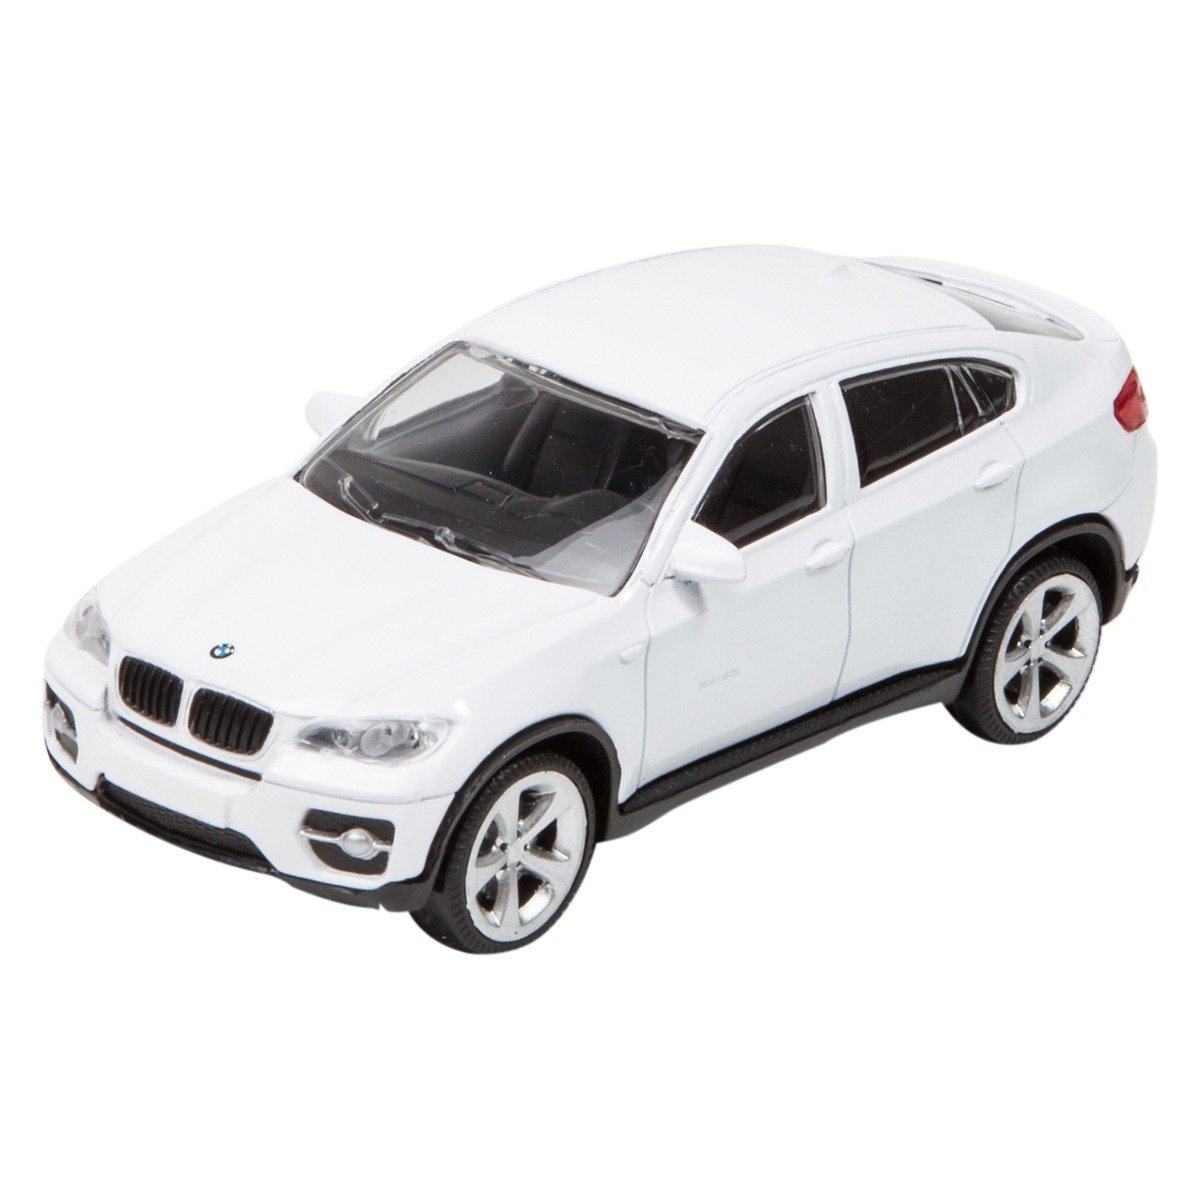 Masinuta Rastar BMW X6, 1:43, Alb